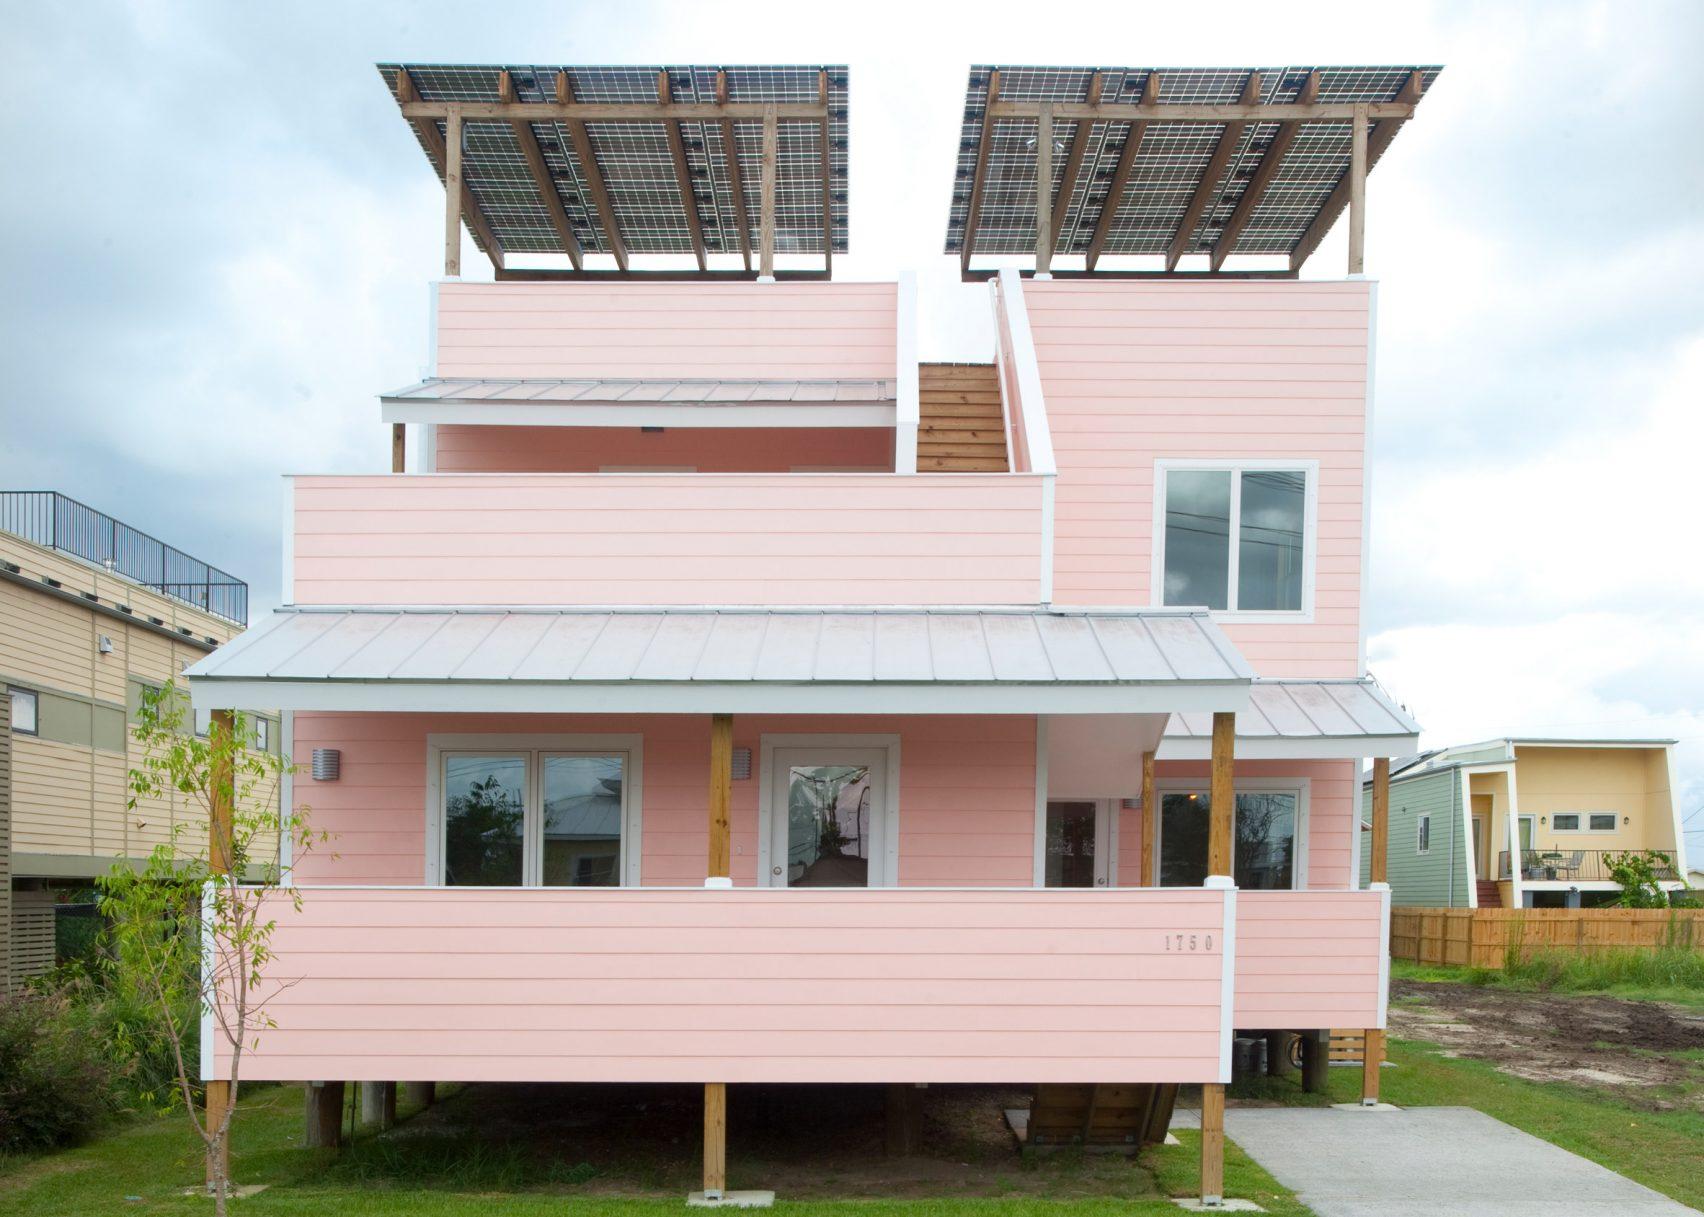 La vivienda diseñada por Frank Ghery / Make it Right Foundation